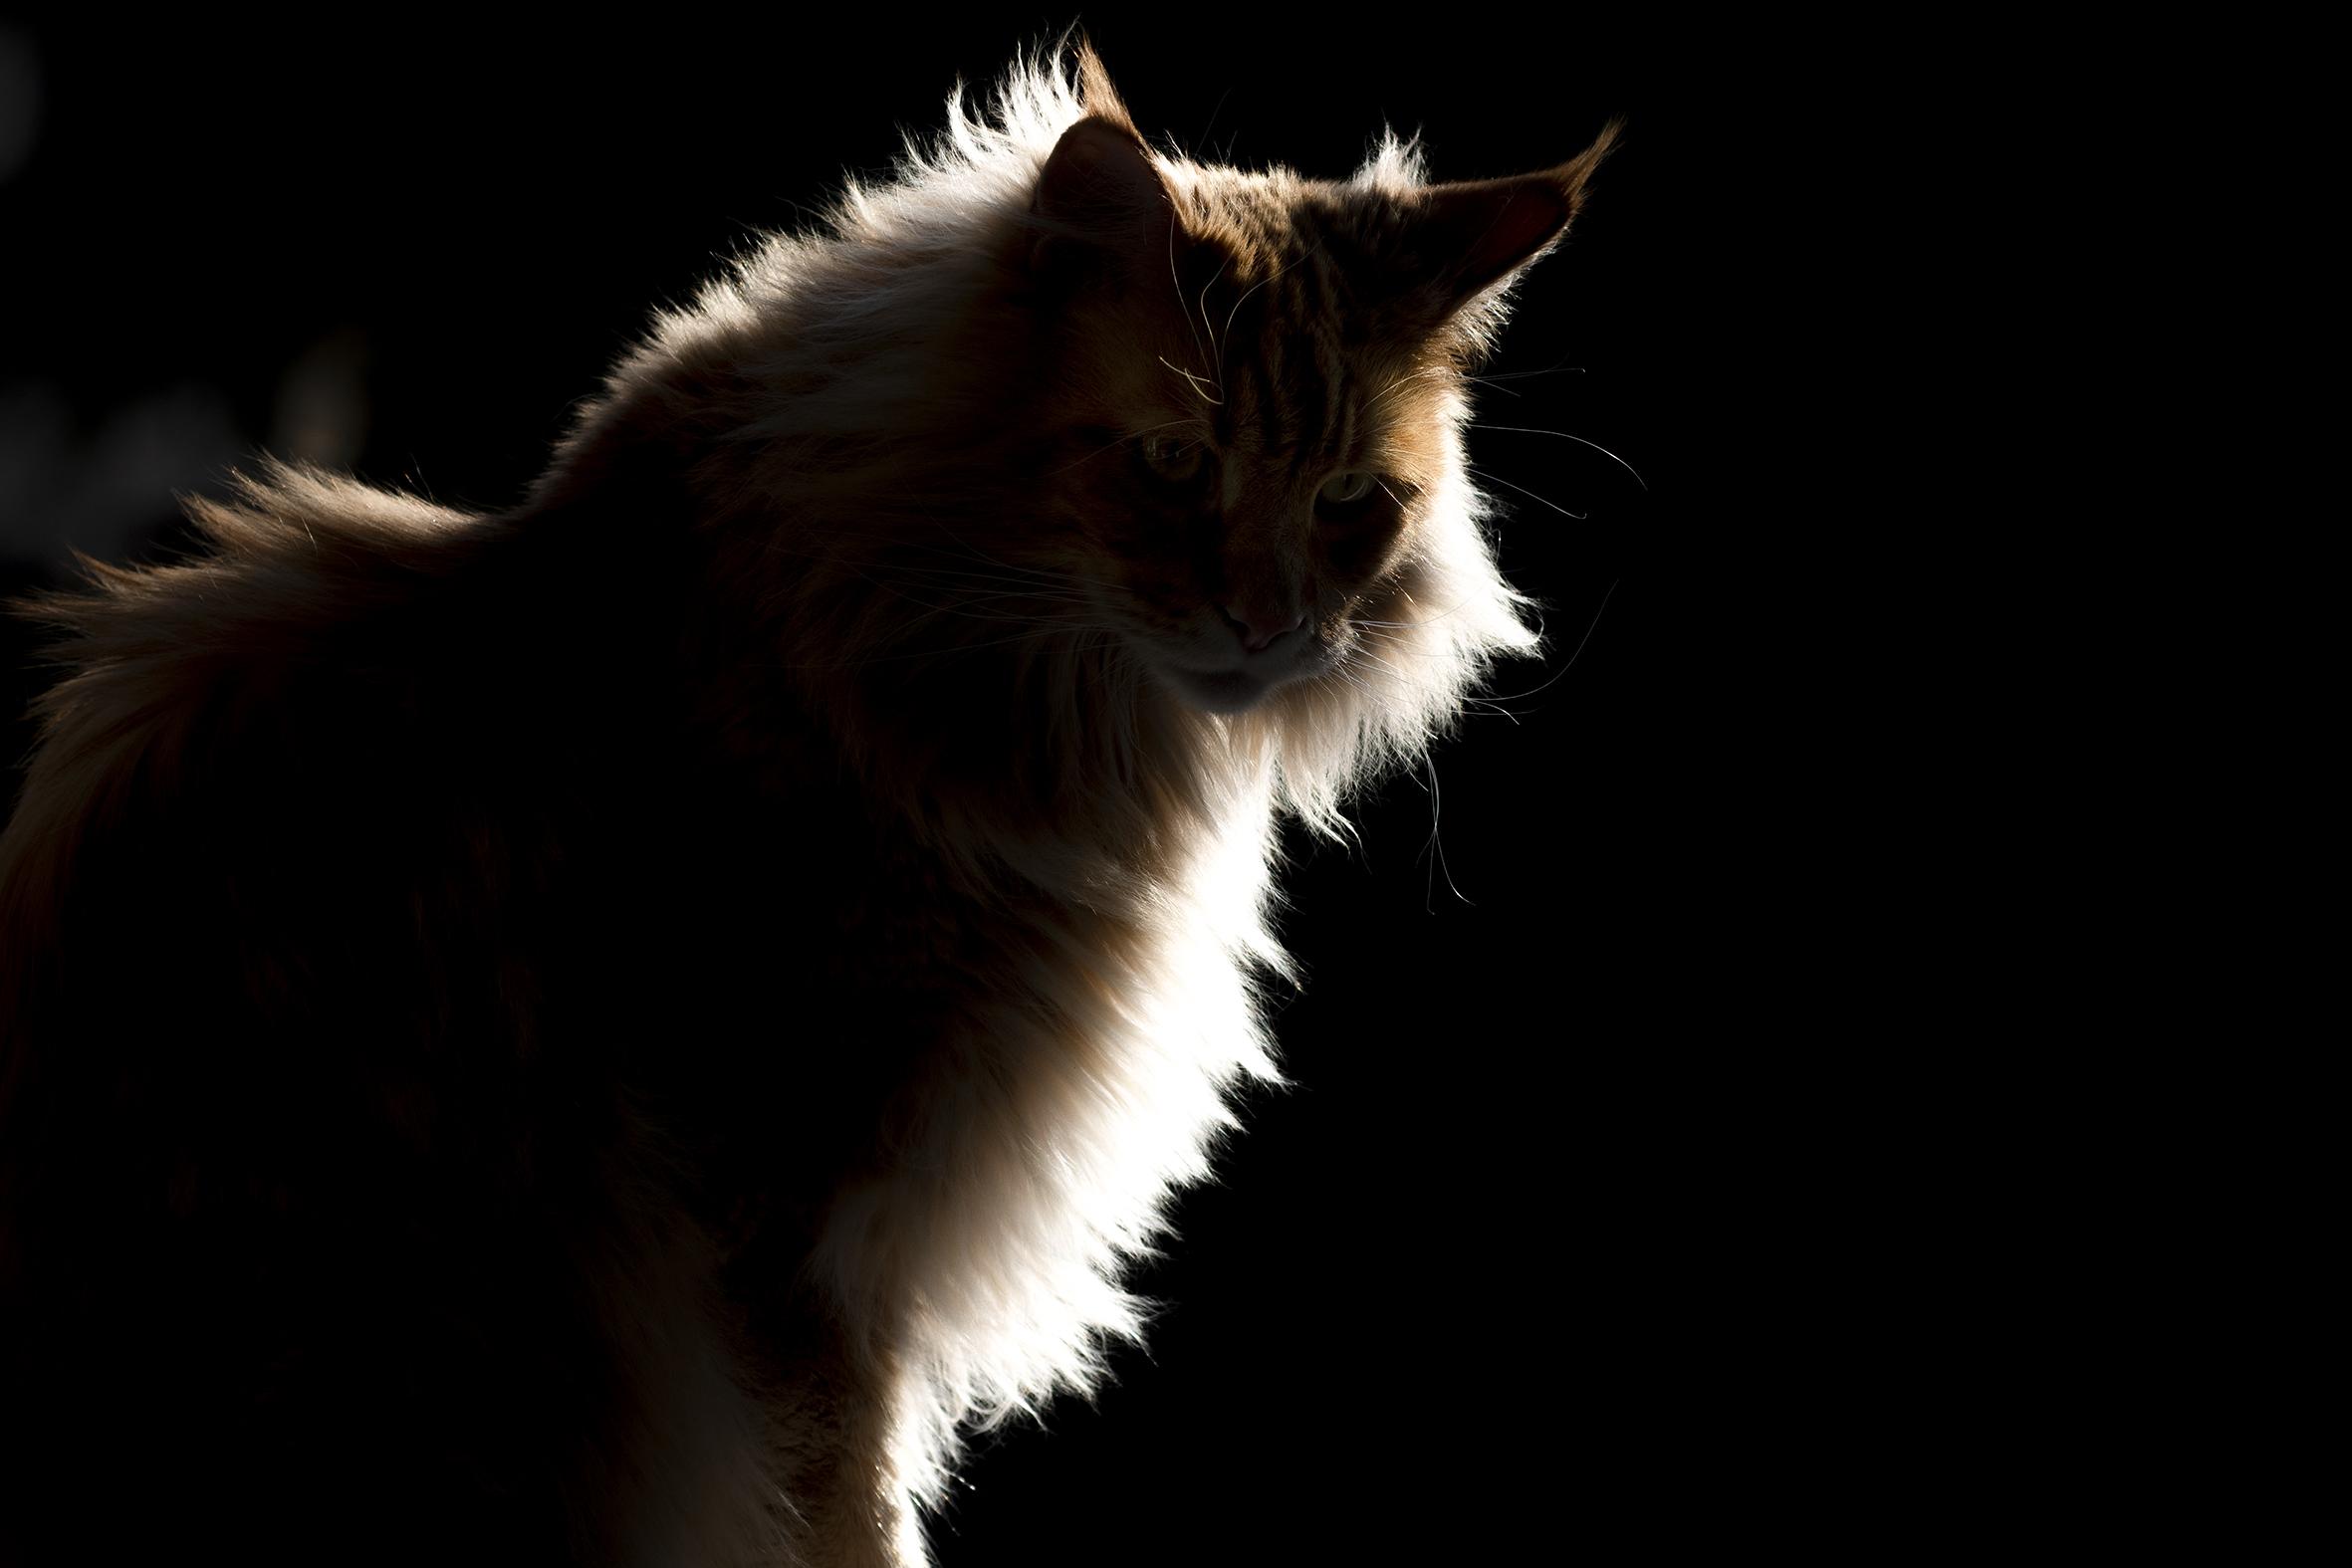 quarantined cat...